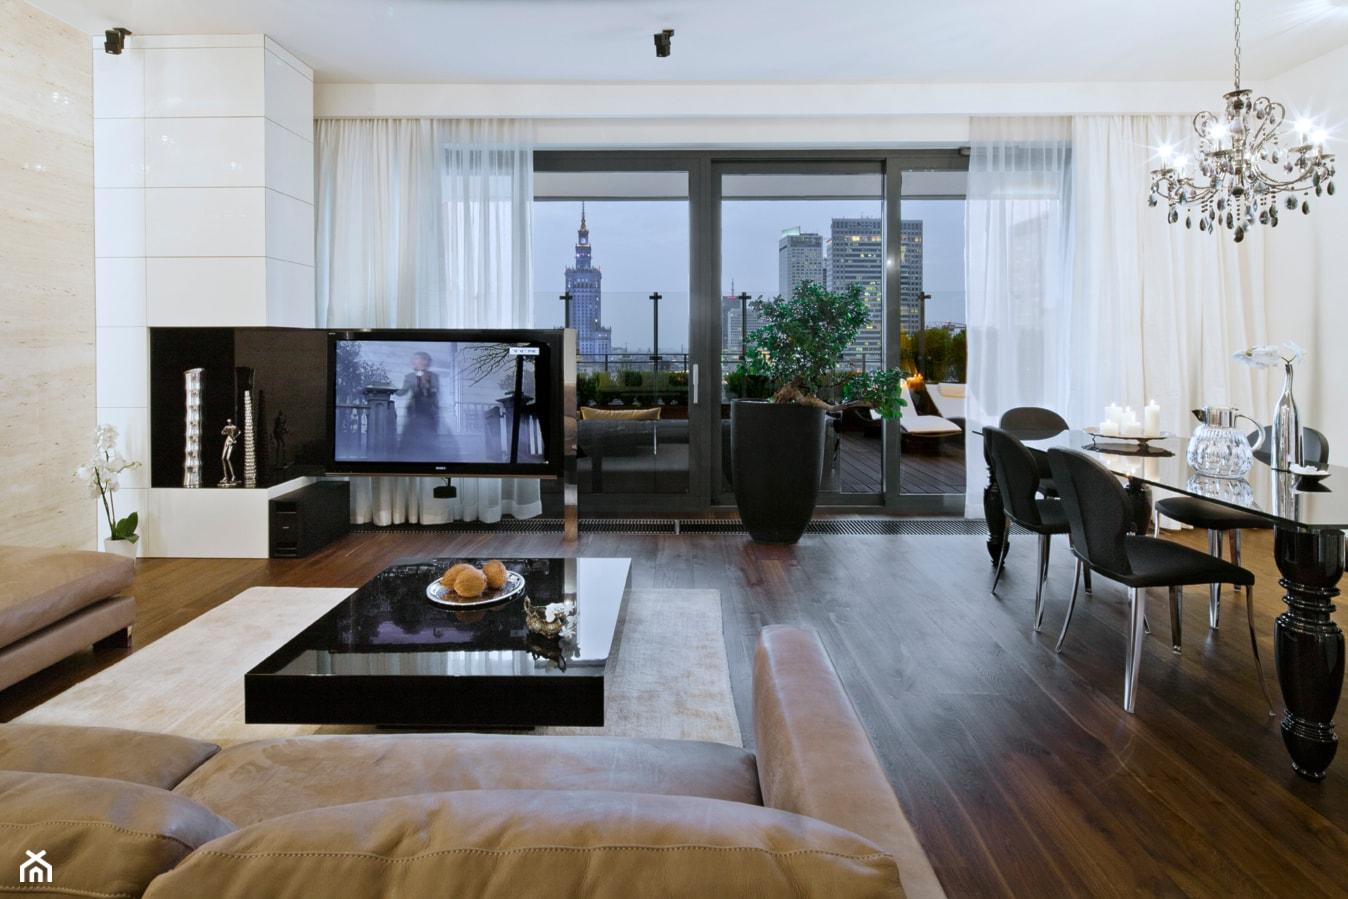 Apartament w centrum Warszawy - Duży biały beżowy salon z jadalnią, styl klasyczny - zdjęcie od Nasciturus design - Homebook